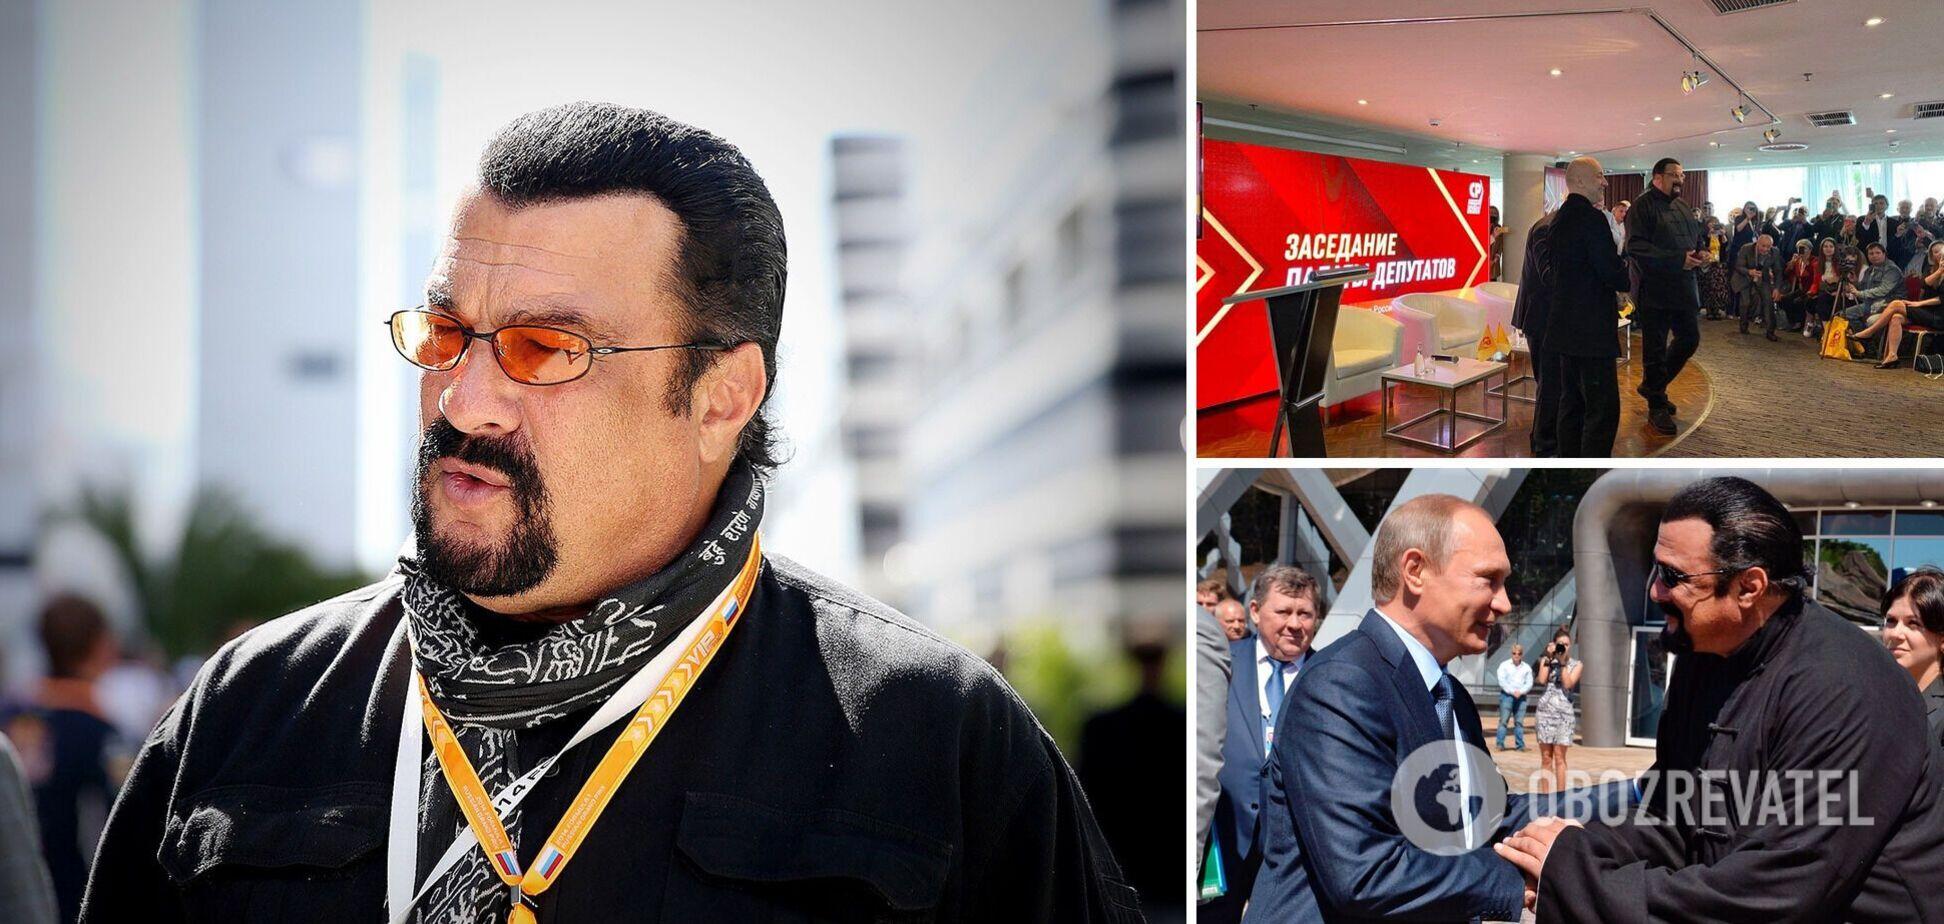 Стівен Сігал вступив до партії терориста Прилєпіна. Відео